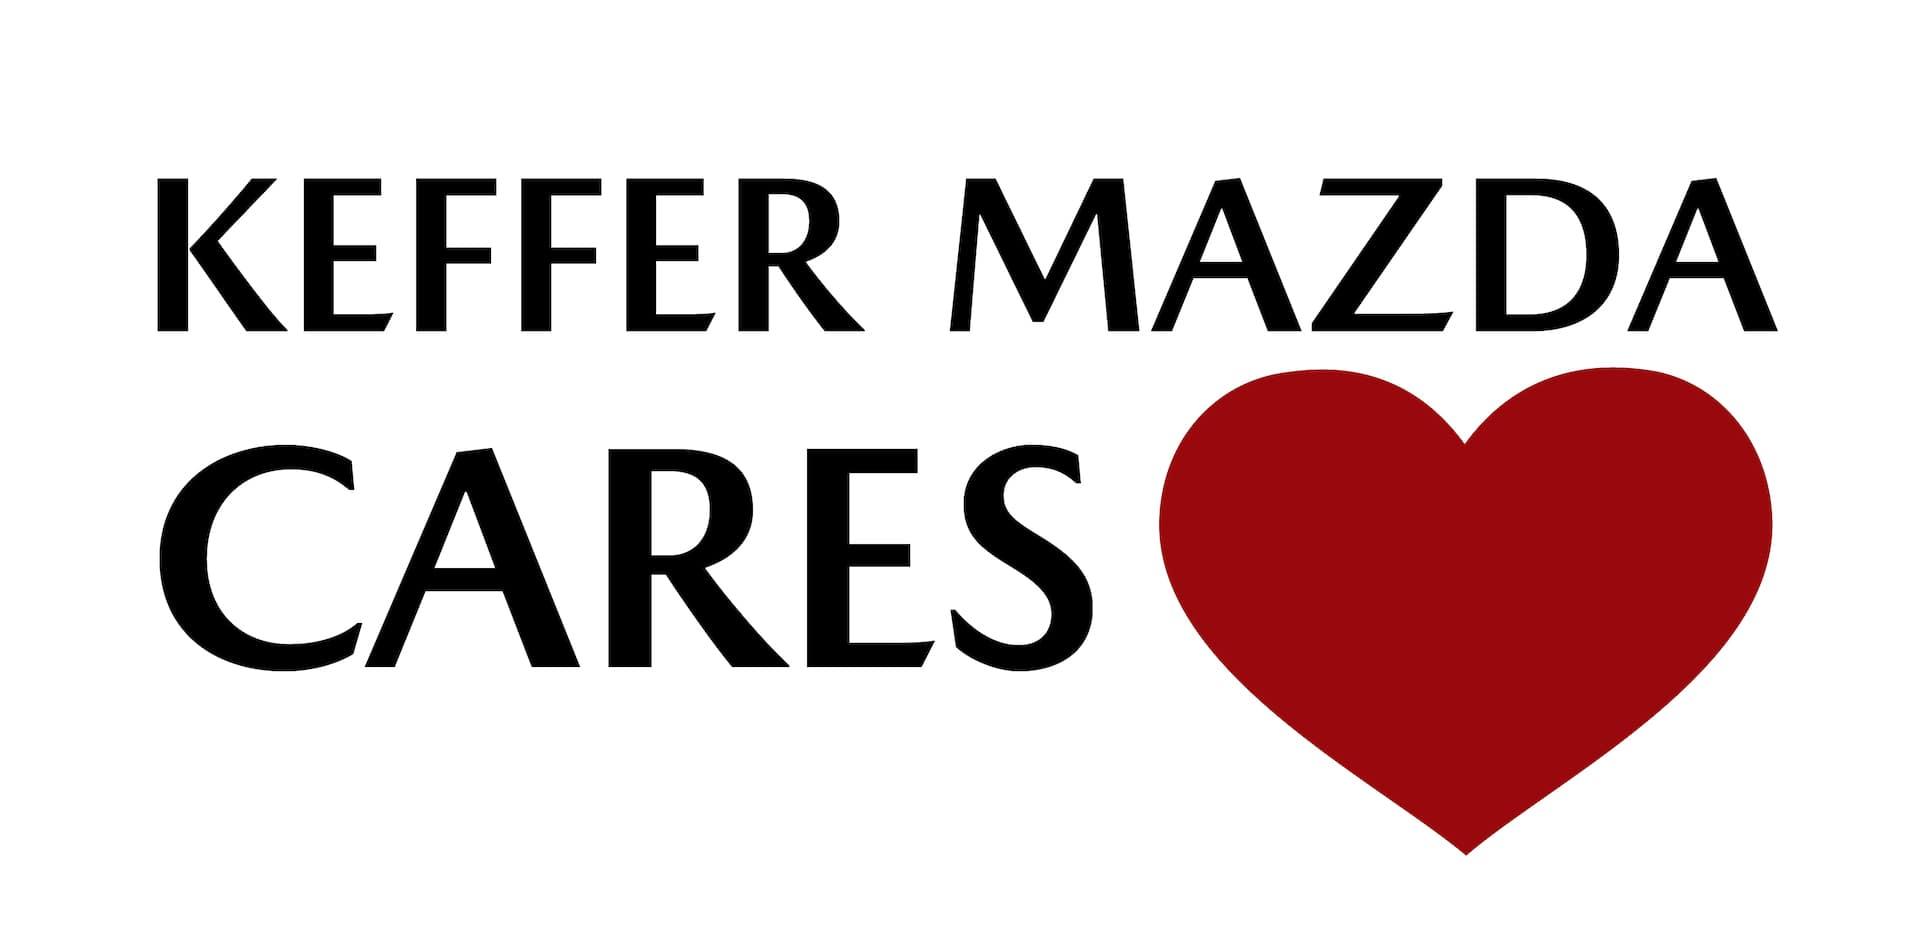 Keffer Mazda Cares